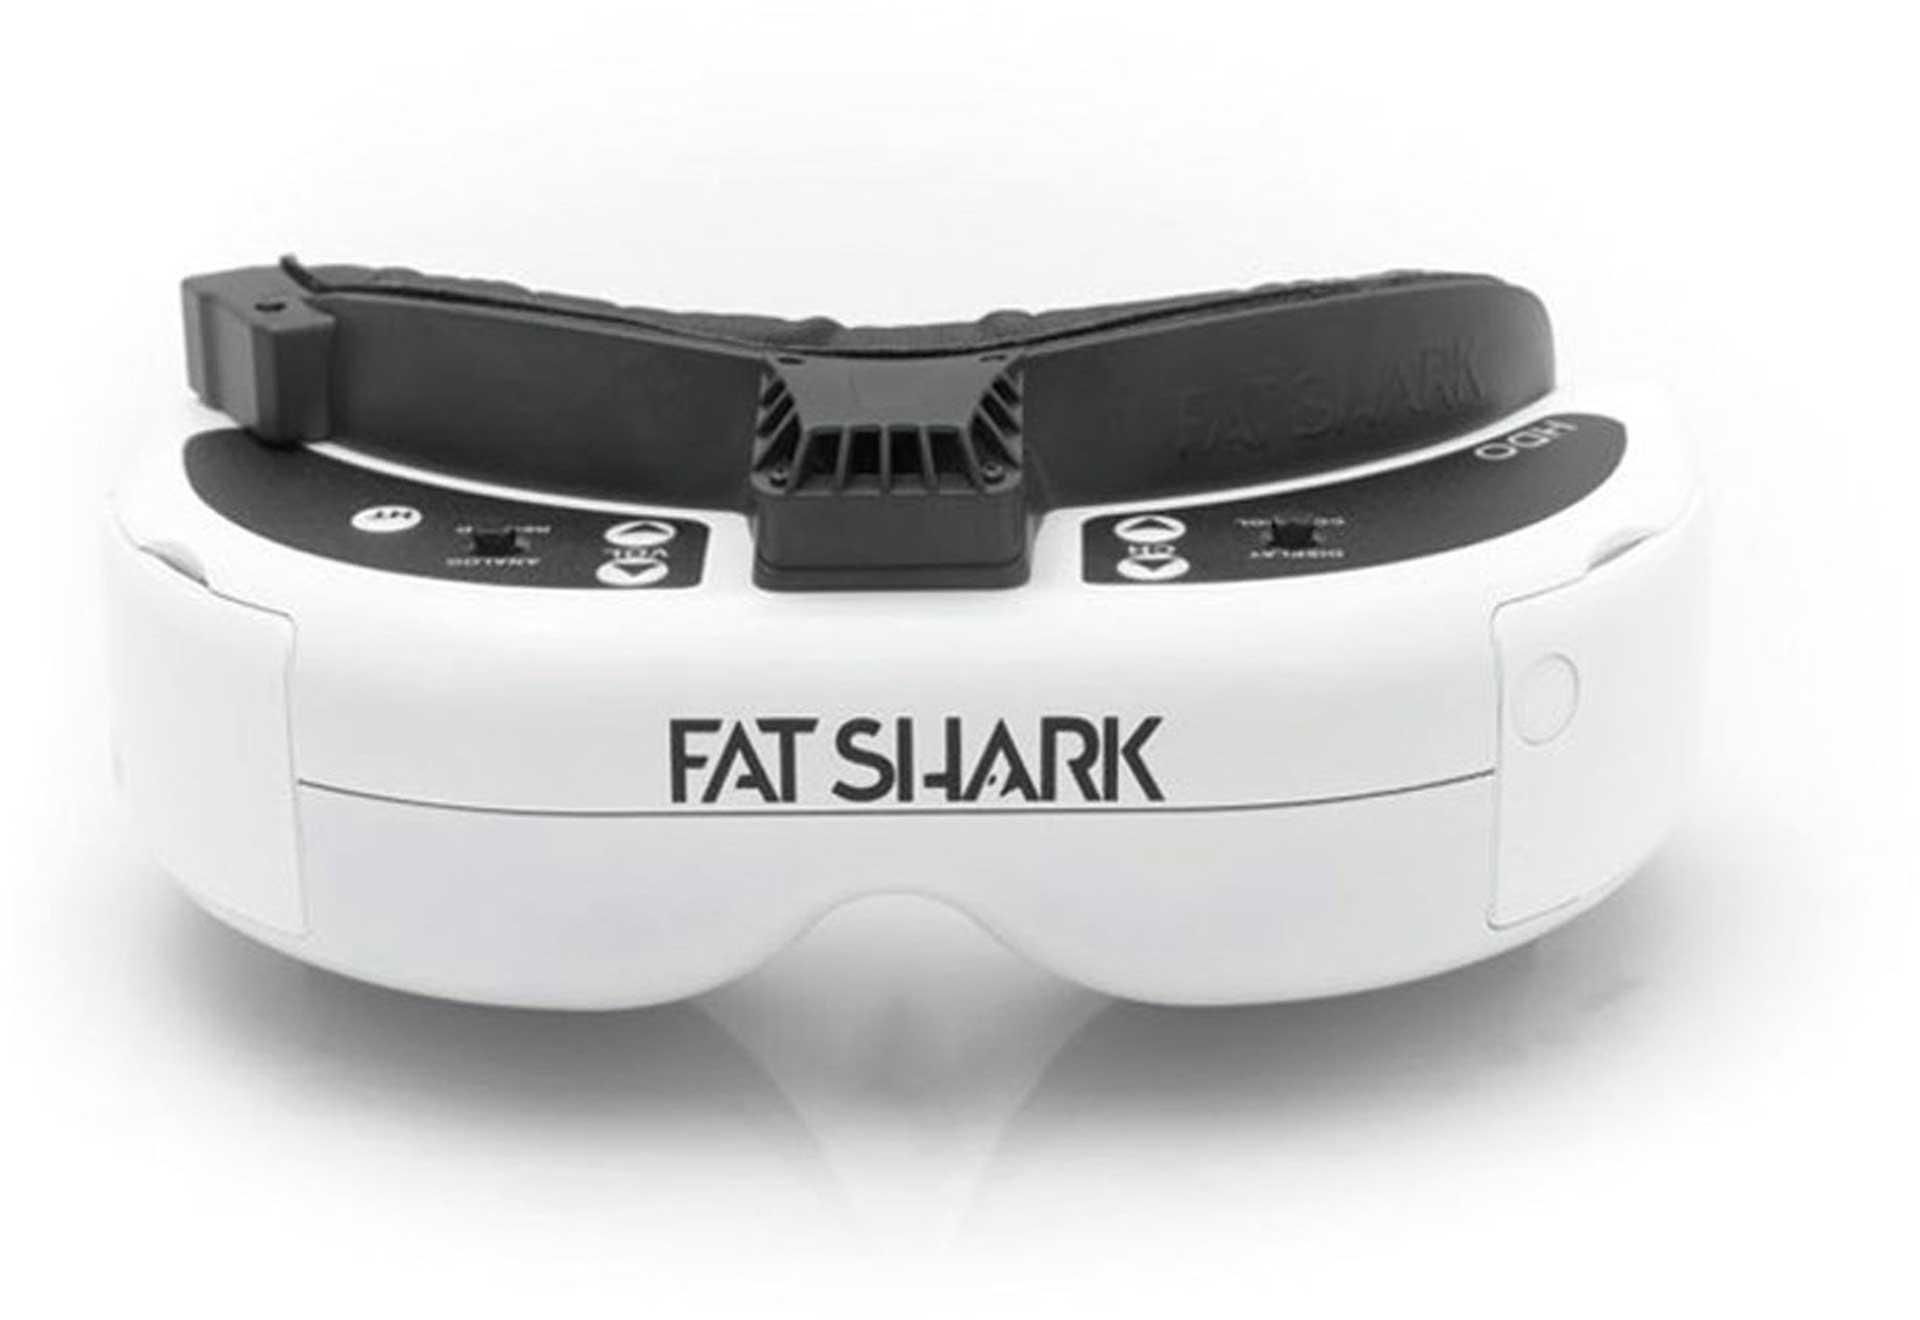 FAT SHARK HDO GOGGLES FPV VIDEO BRILLE